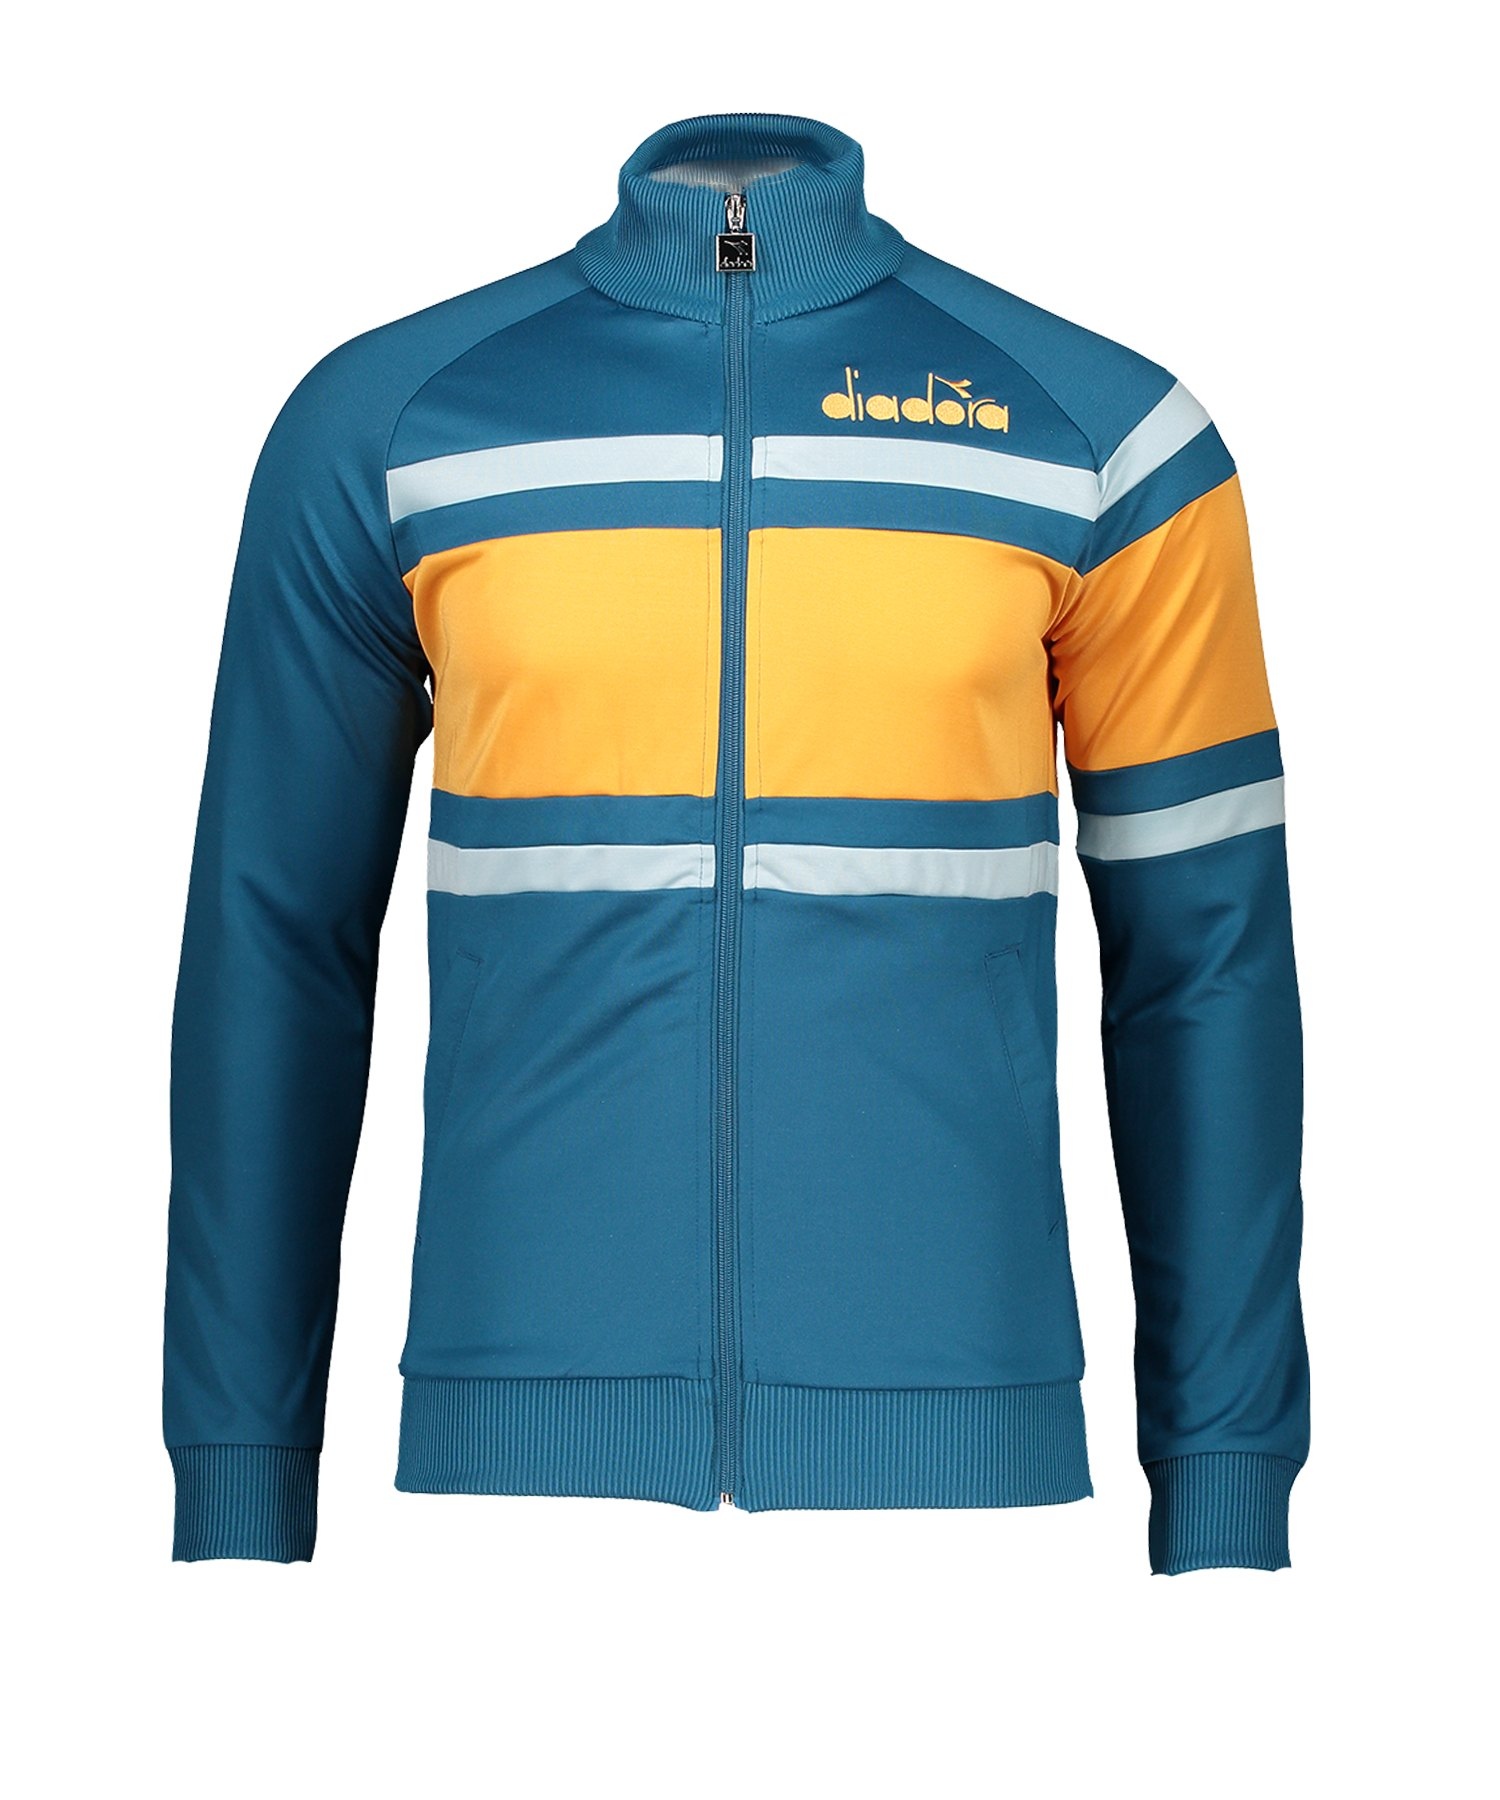 Diadora Jacket 80s Freizeitjacke Blau F60097 - blau